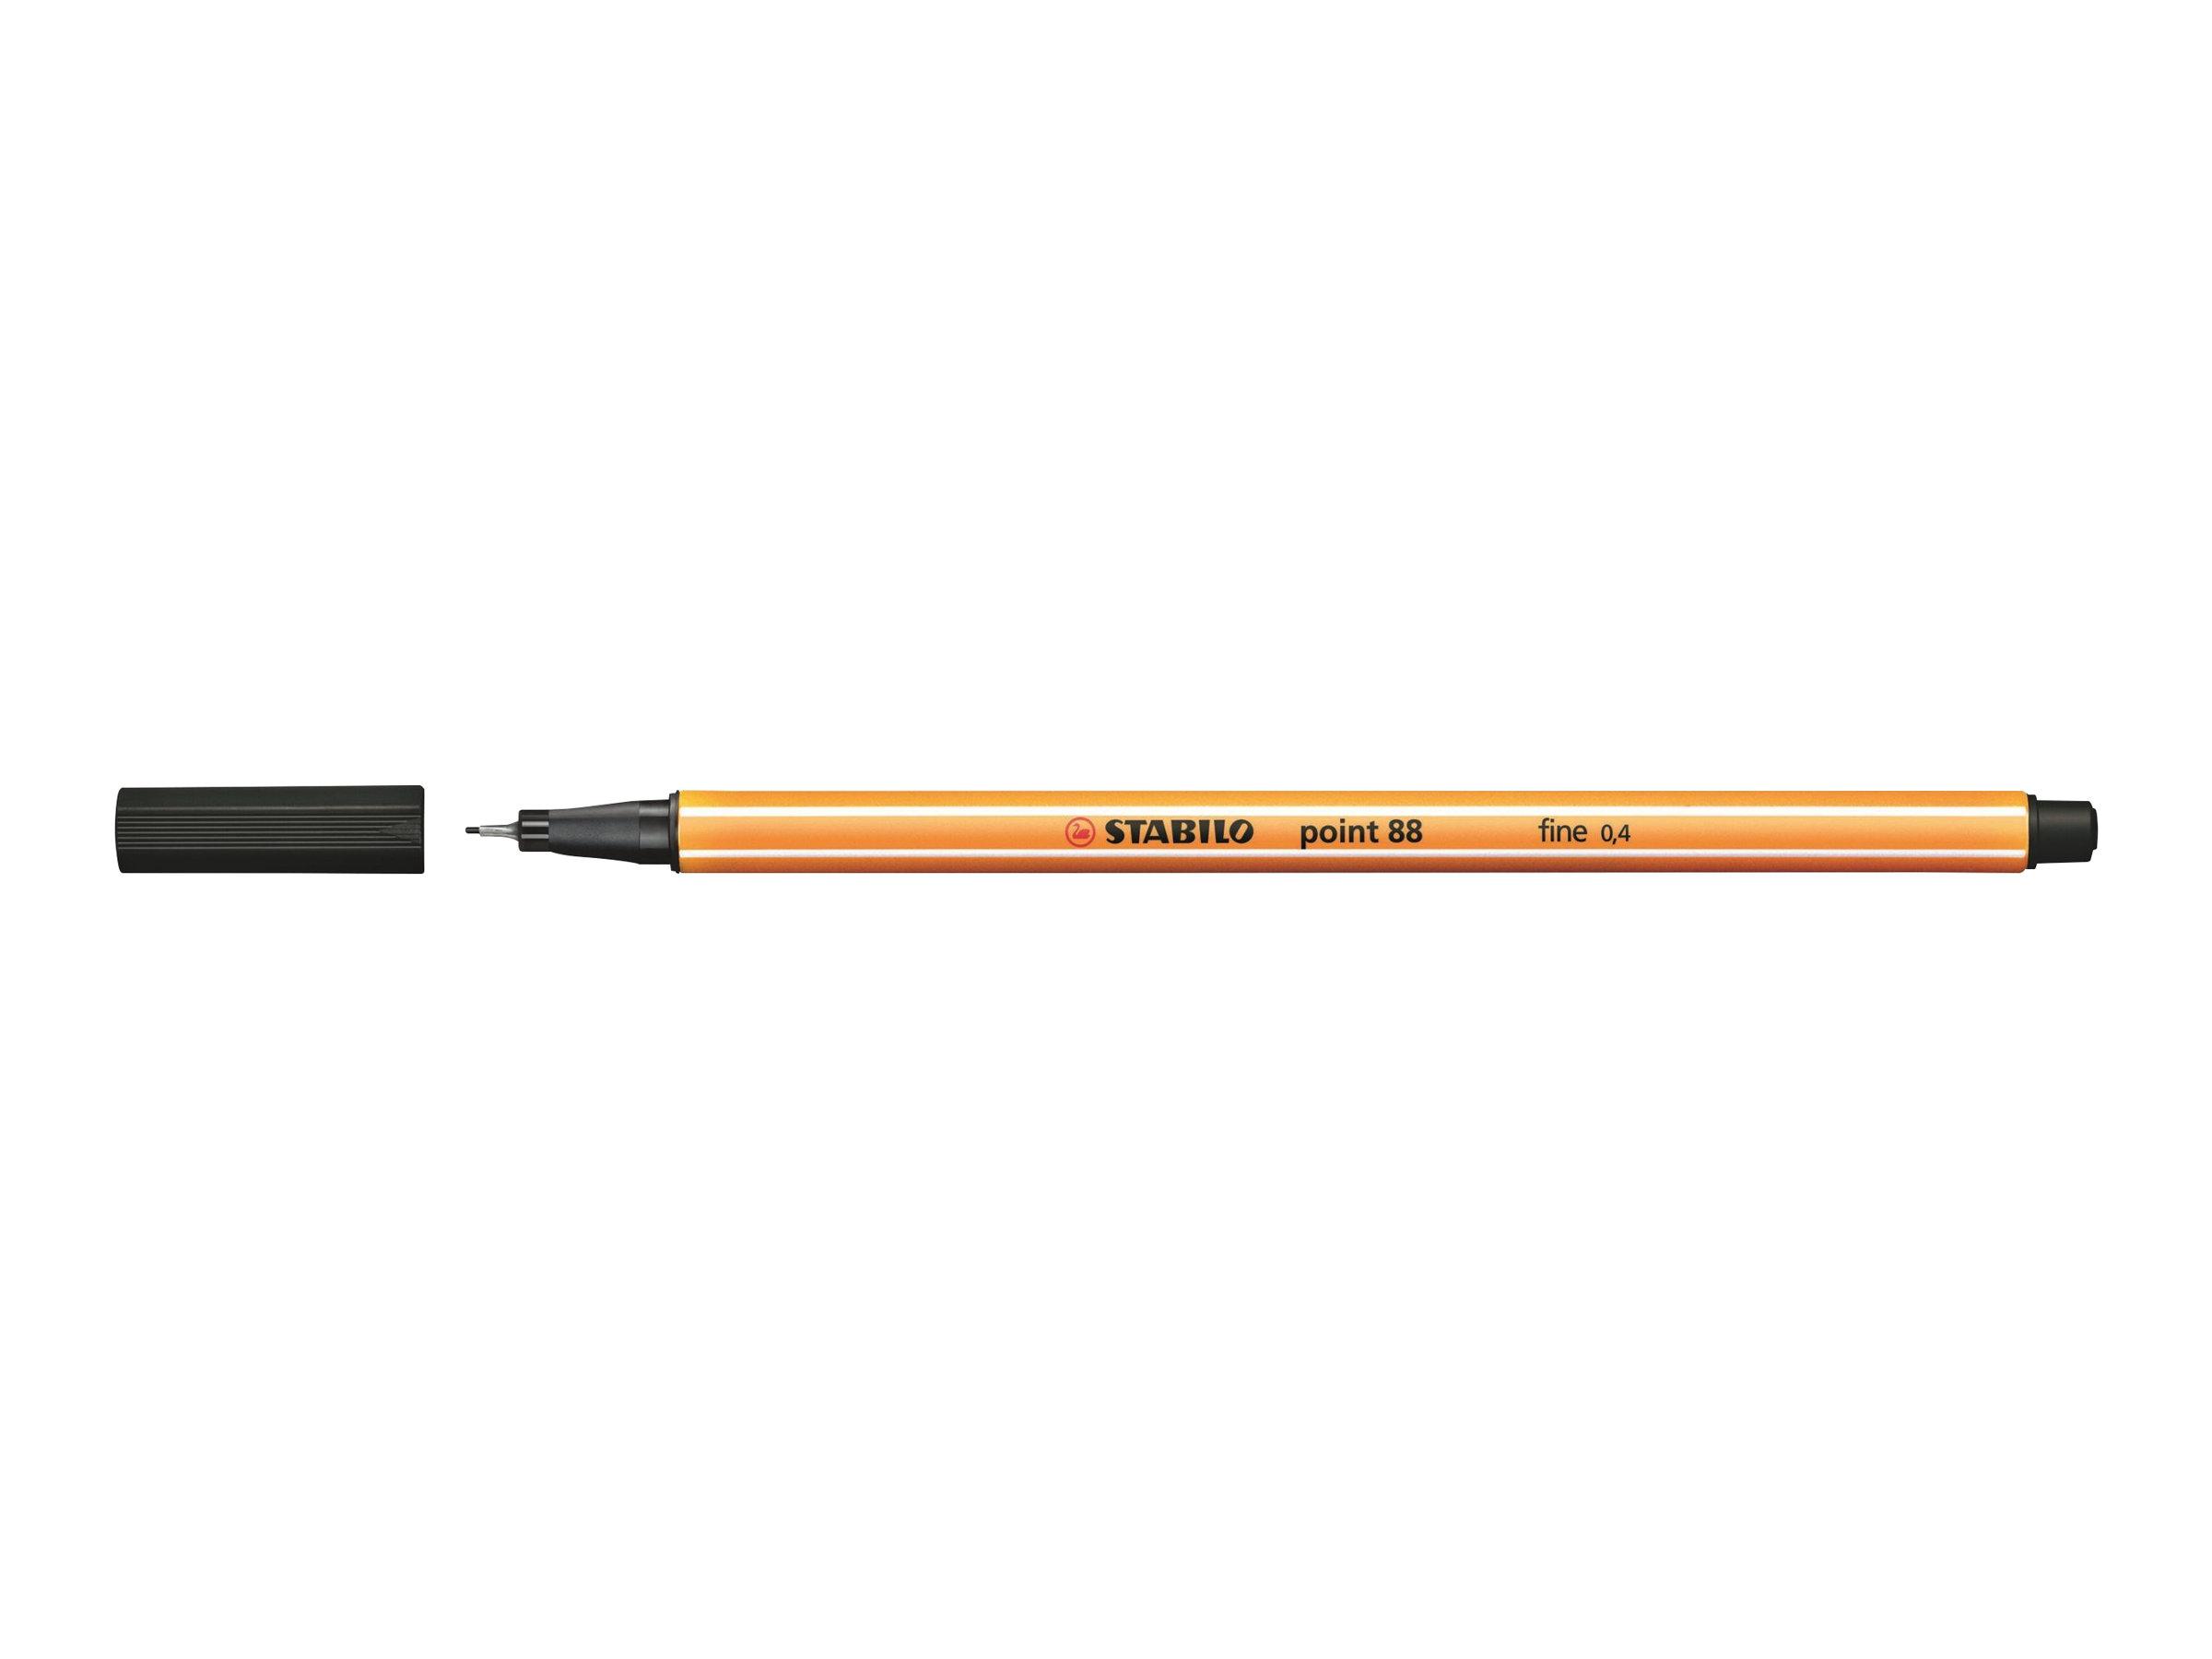 STABILO point 88 - Feutre fin - 0.4 mm - noir